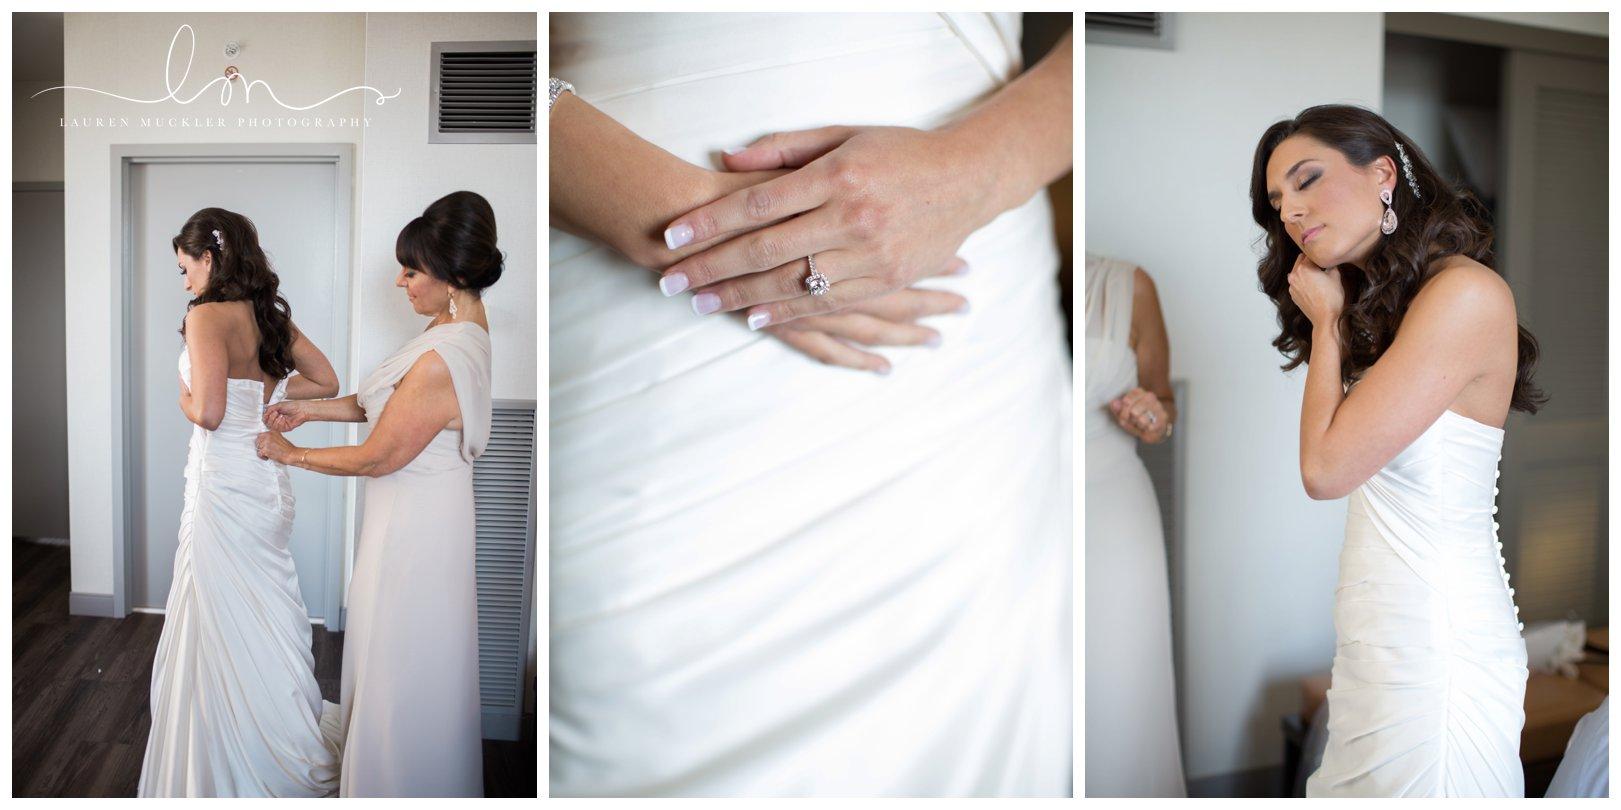 lauren muckler photography_fine art film wedding photography_st louis_photography_0254.jpg